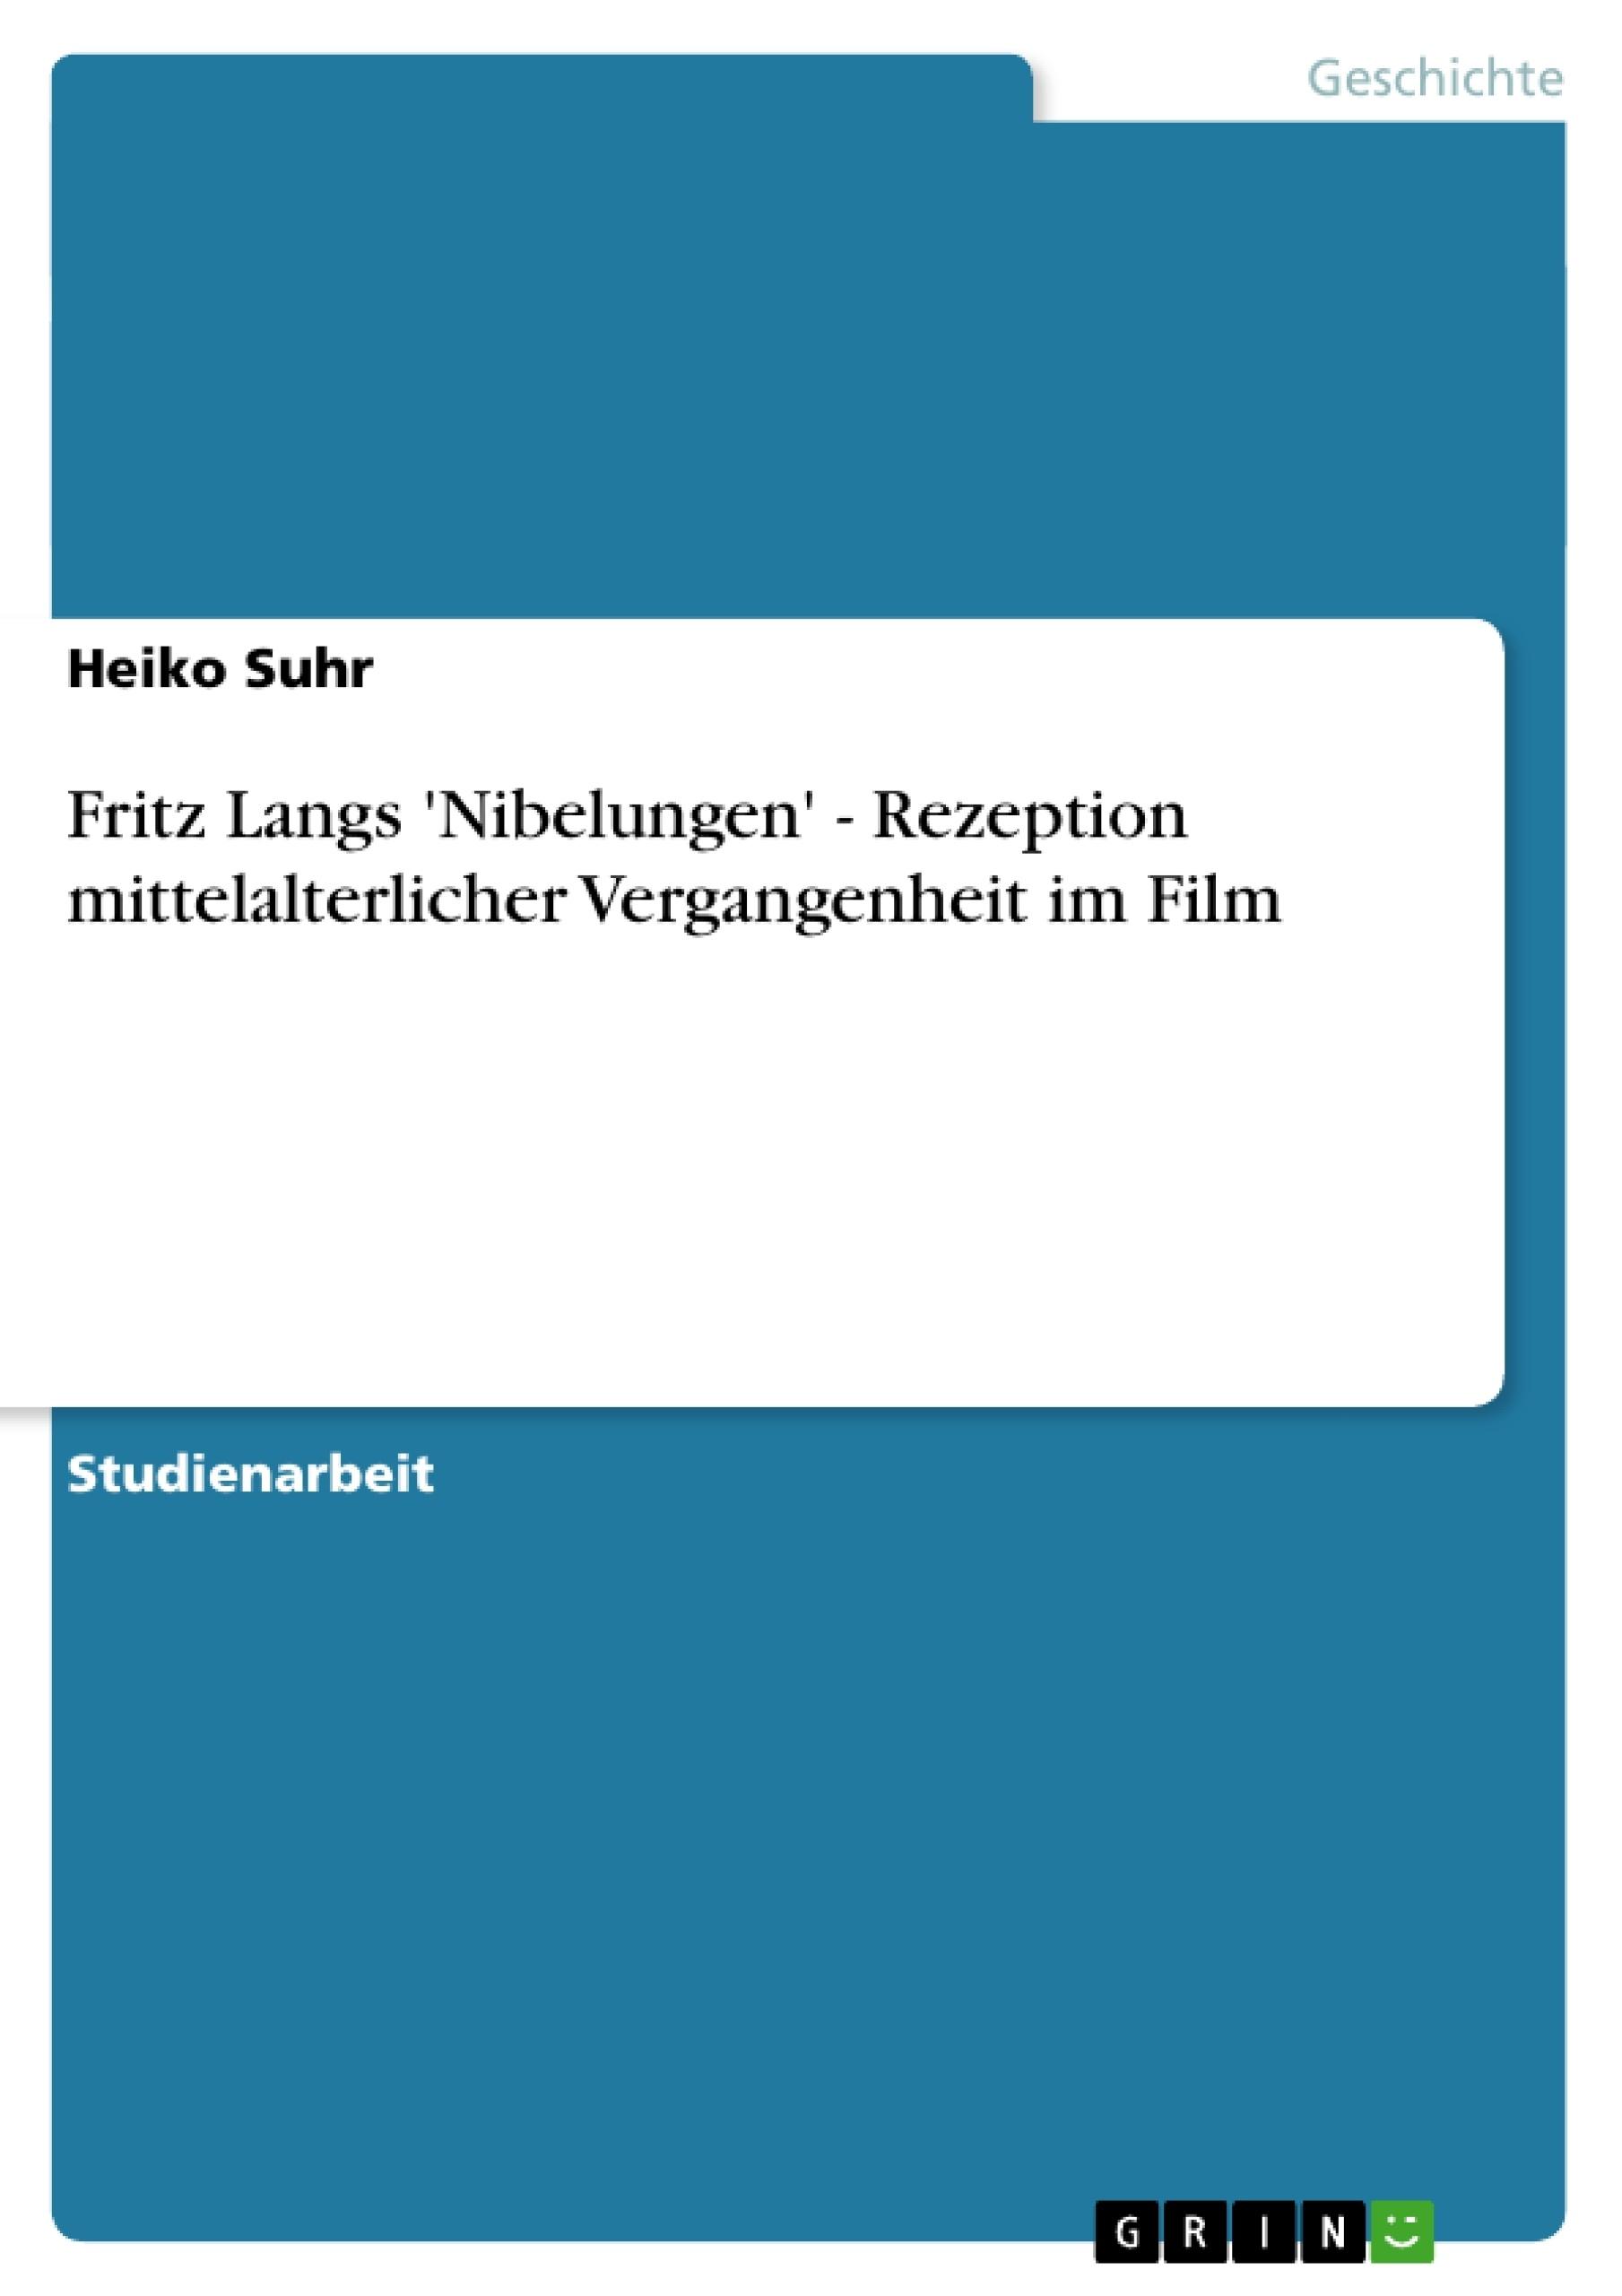 Titel: Fritz Langs 'Nibelungen' - Rezeption mittelalterlicher Vergangenheit im Film